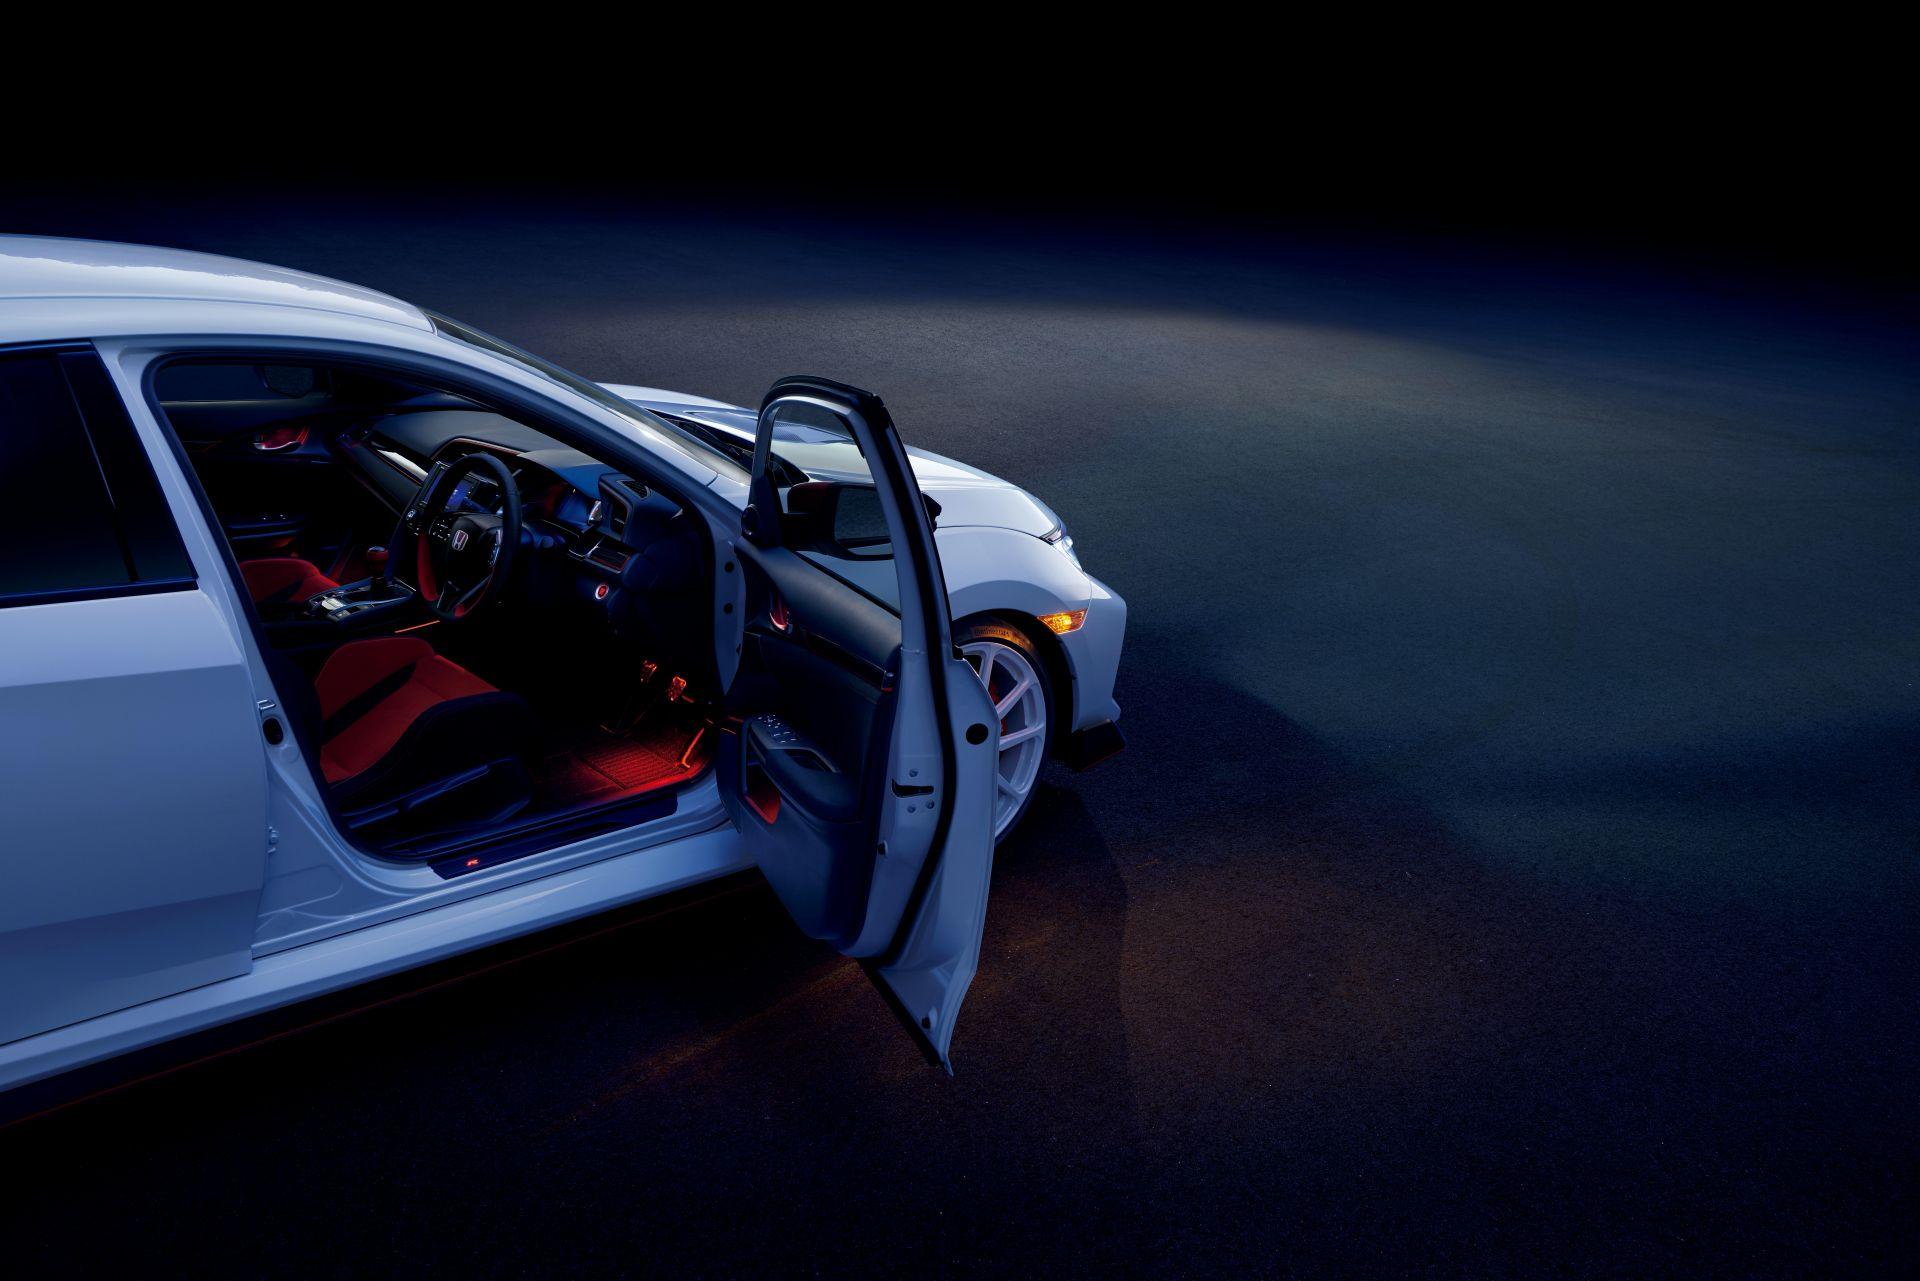 2021_Honda_Civic_Type_R_Modulo_0014